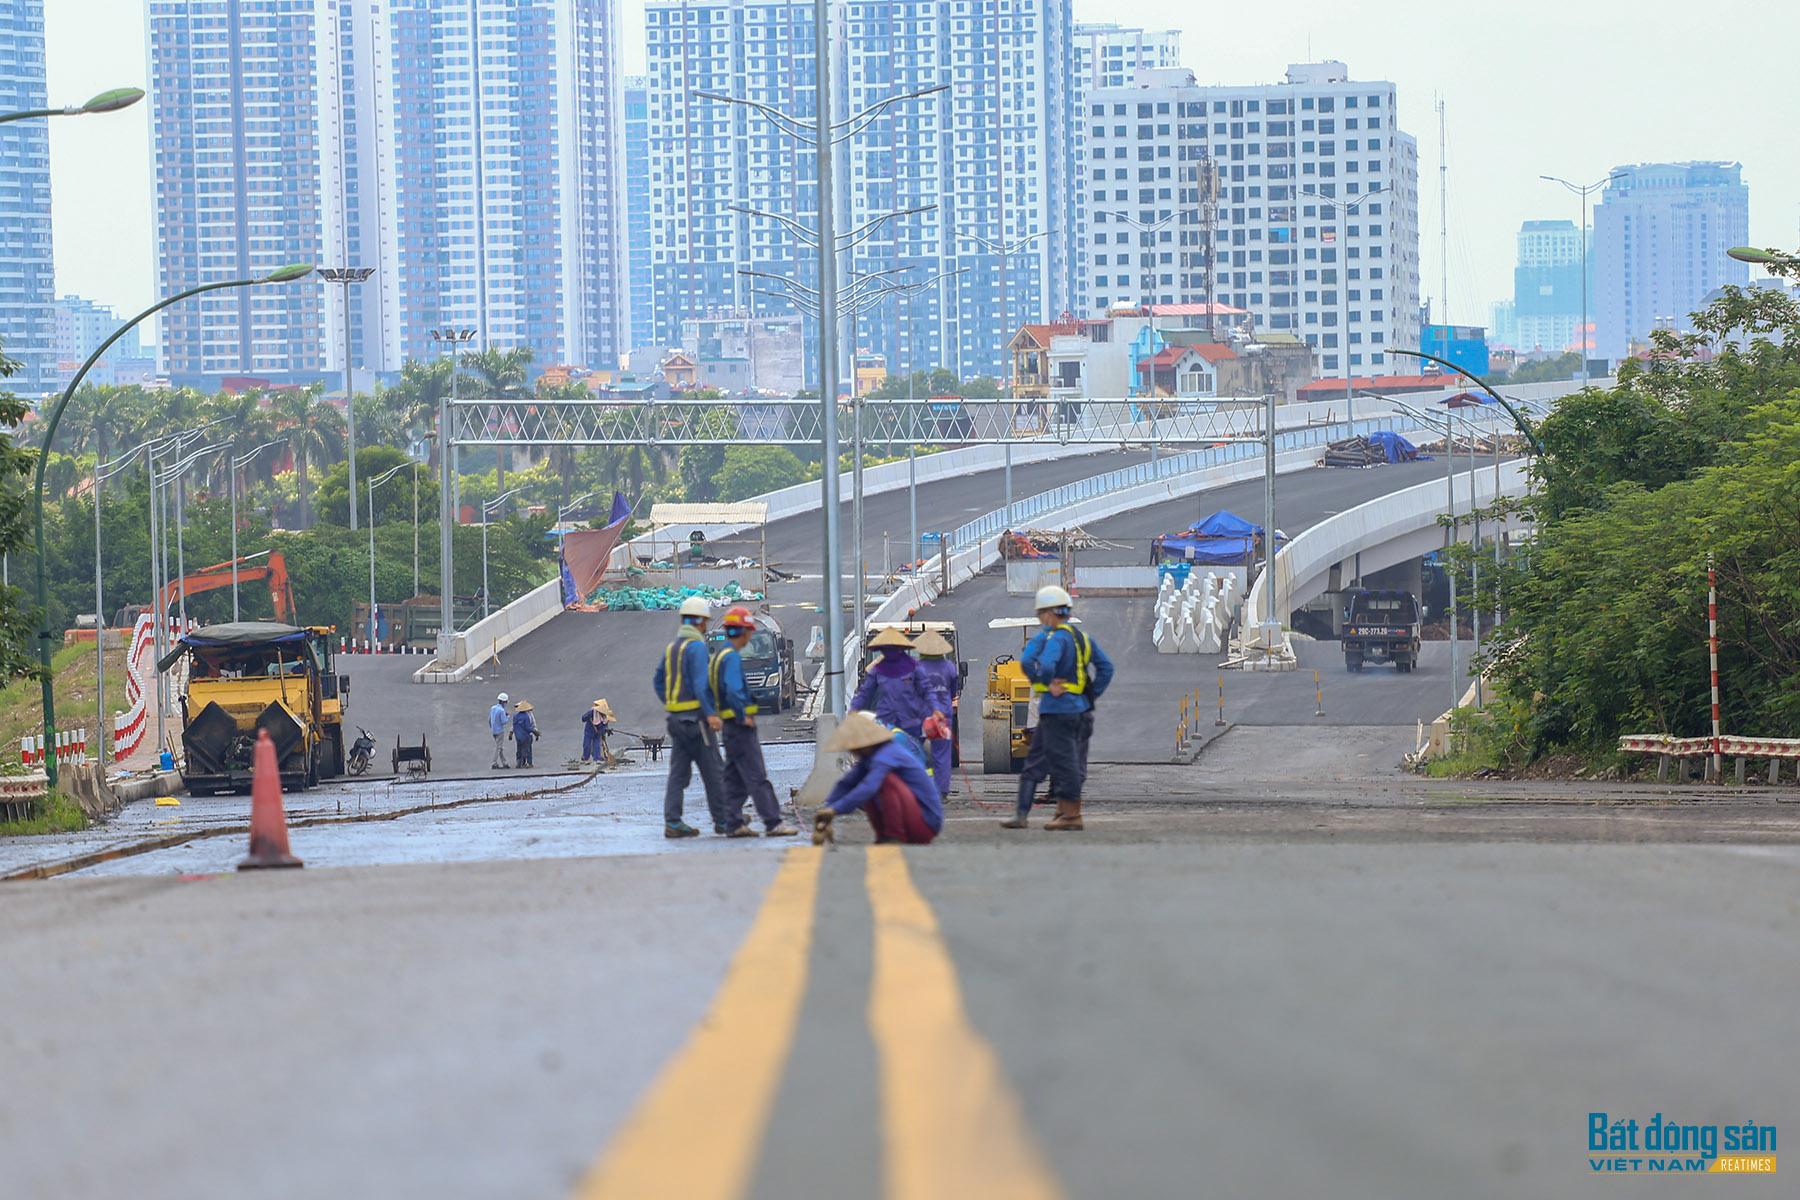 Reatimes_7.png, toàn cảnh dự án sửa cầu Thăng Long